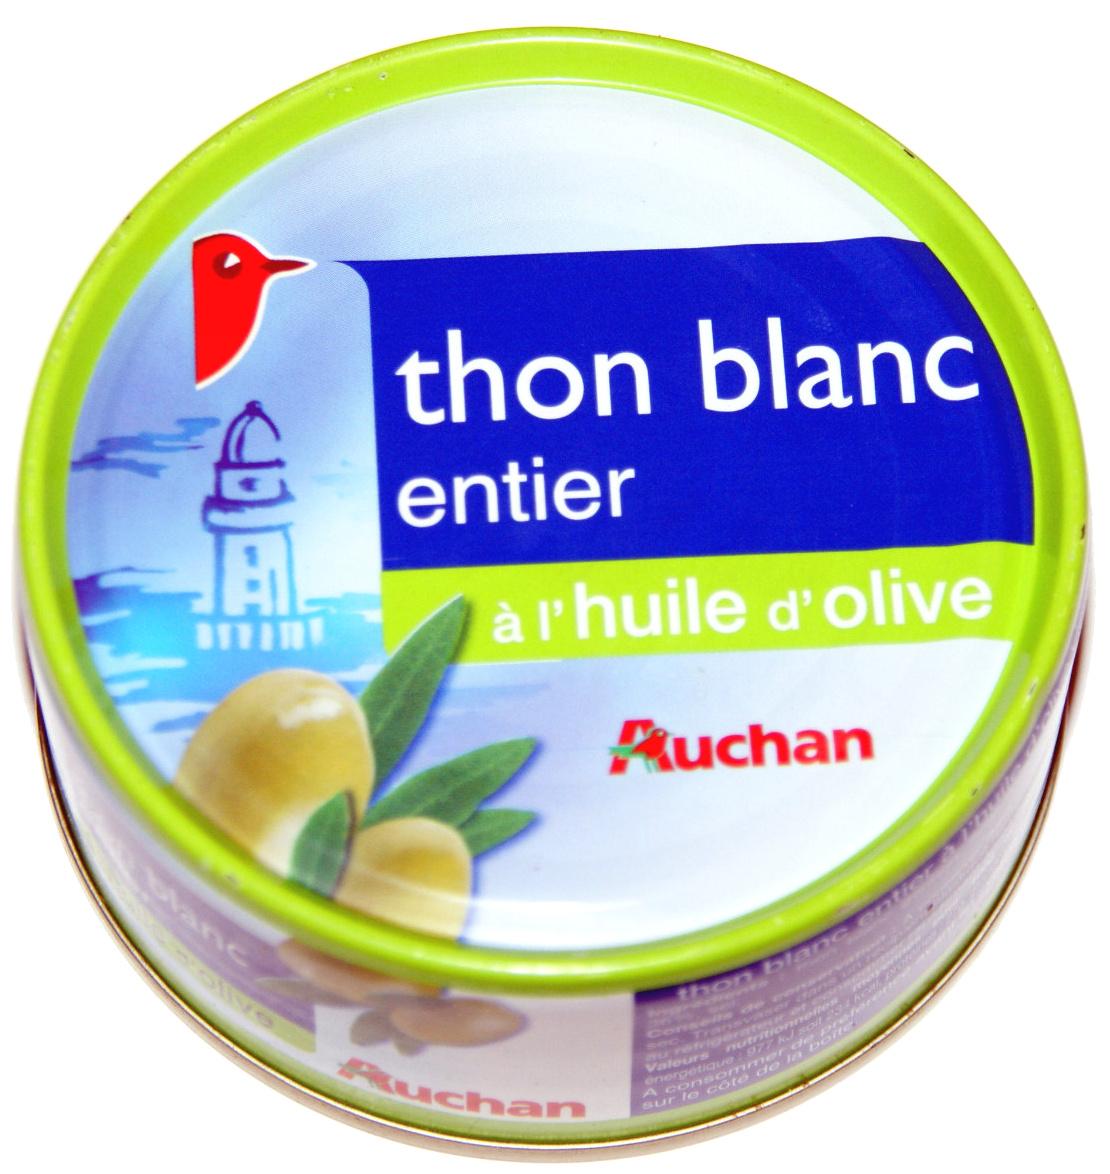 Thon blanc entier à l'huile d'olive - Produit